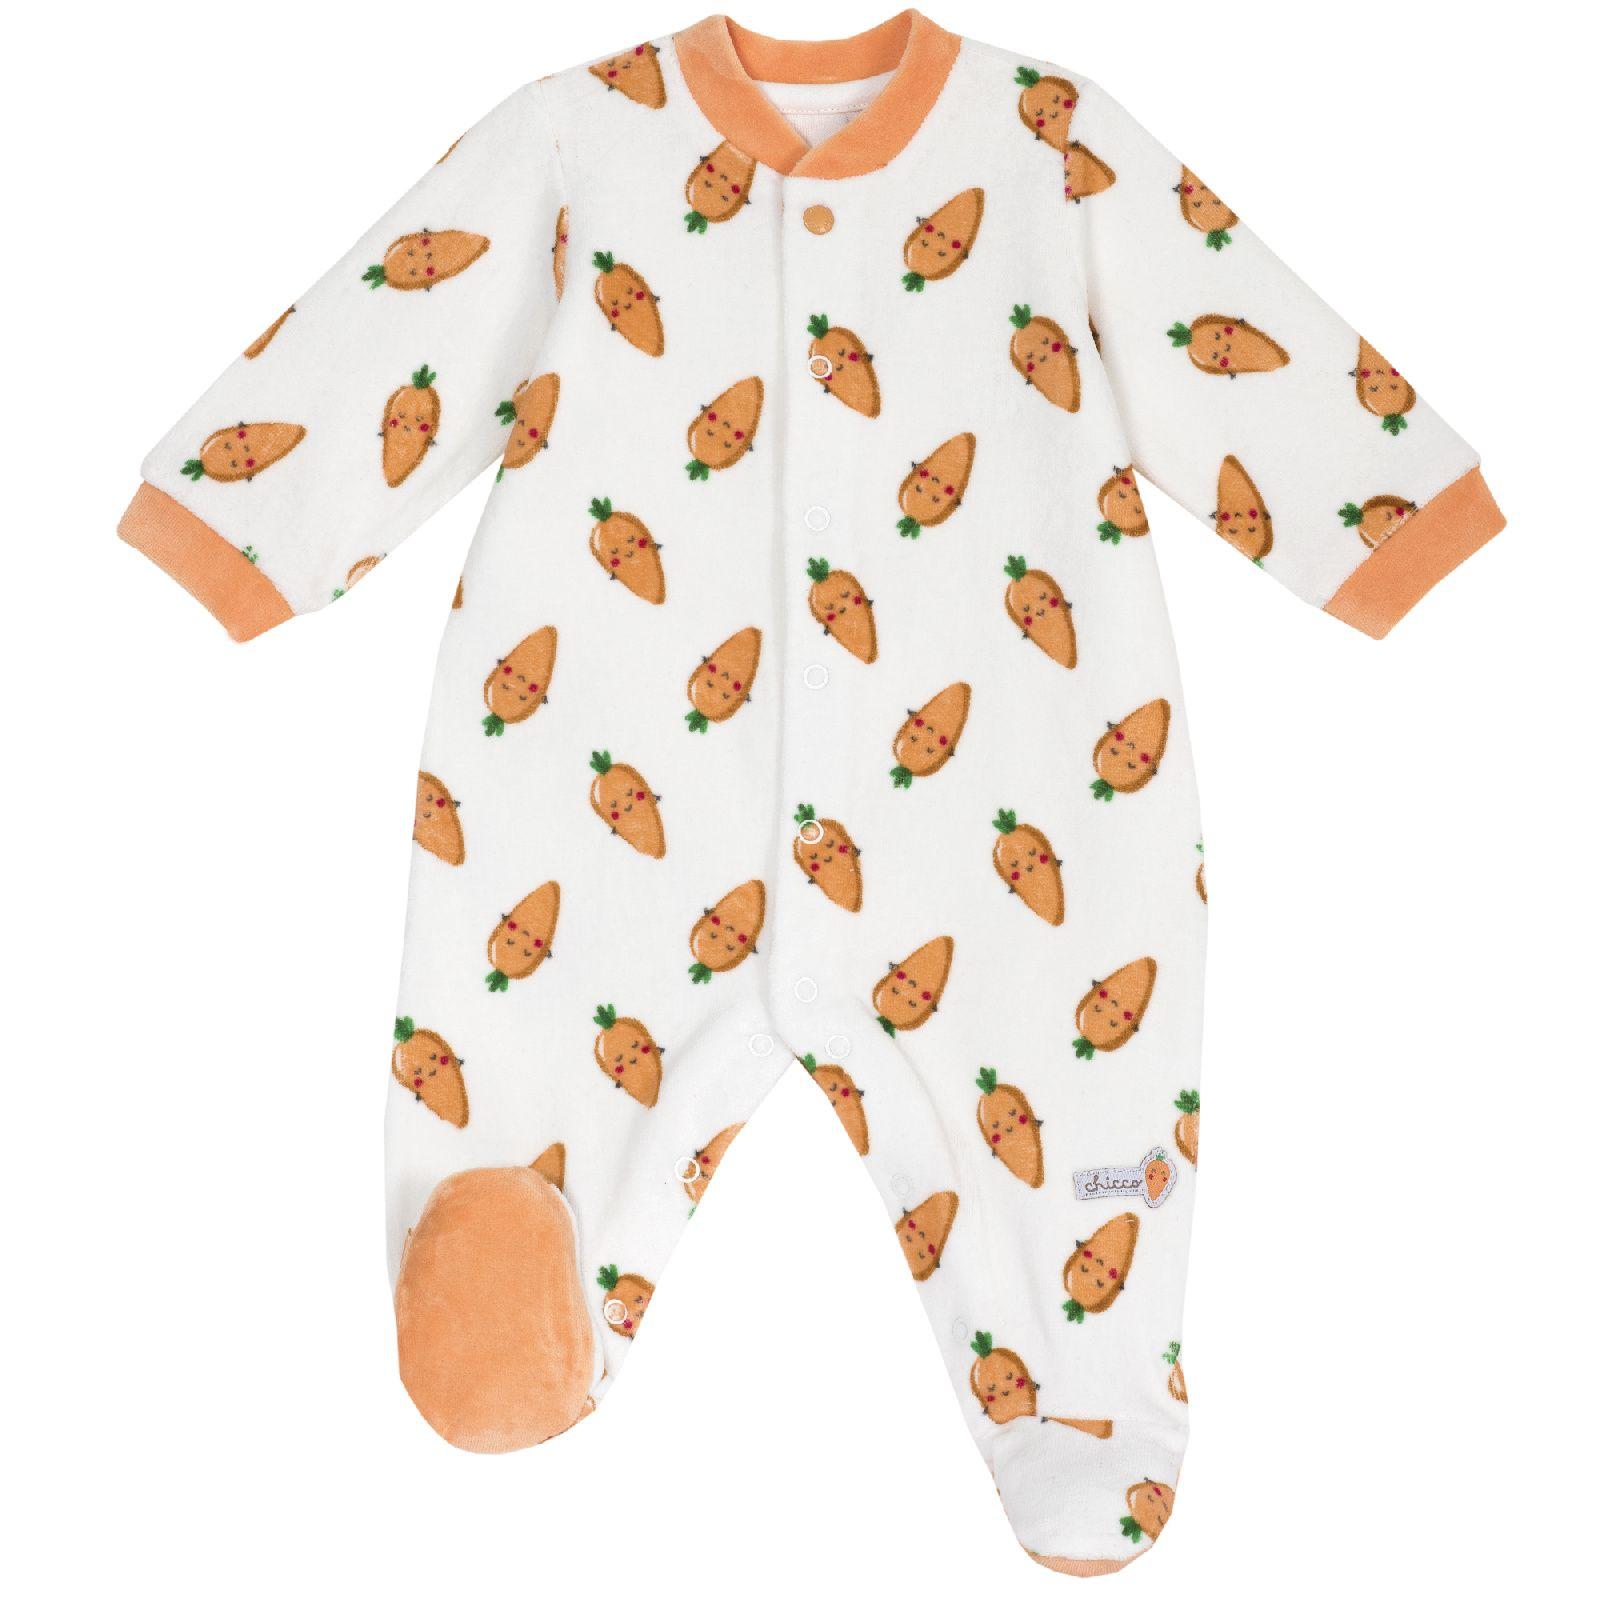 Комбинезон Chicco для мальчиков и девочек, р. 62, цвет оранжевый